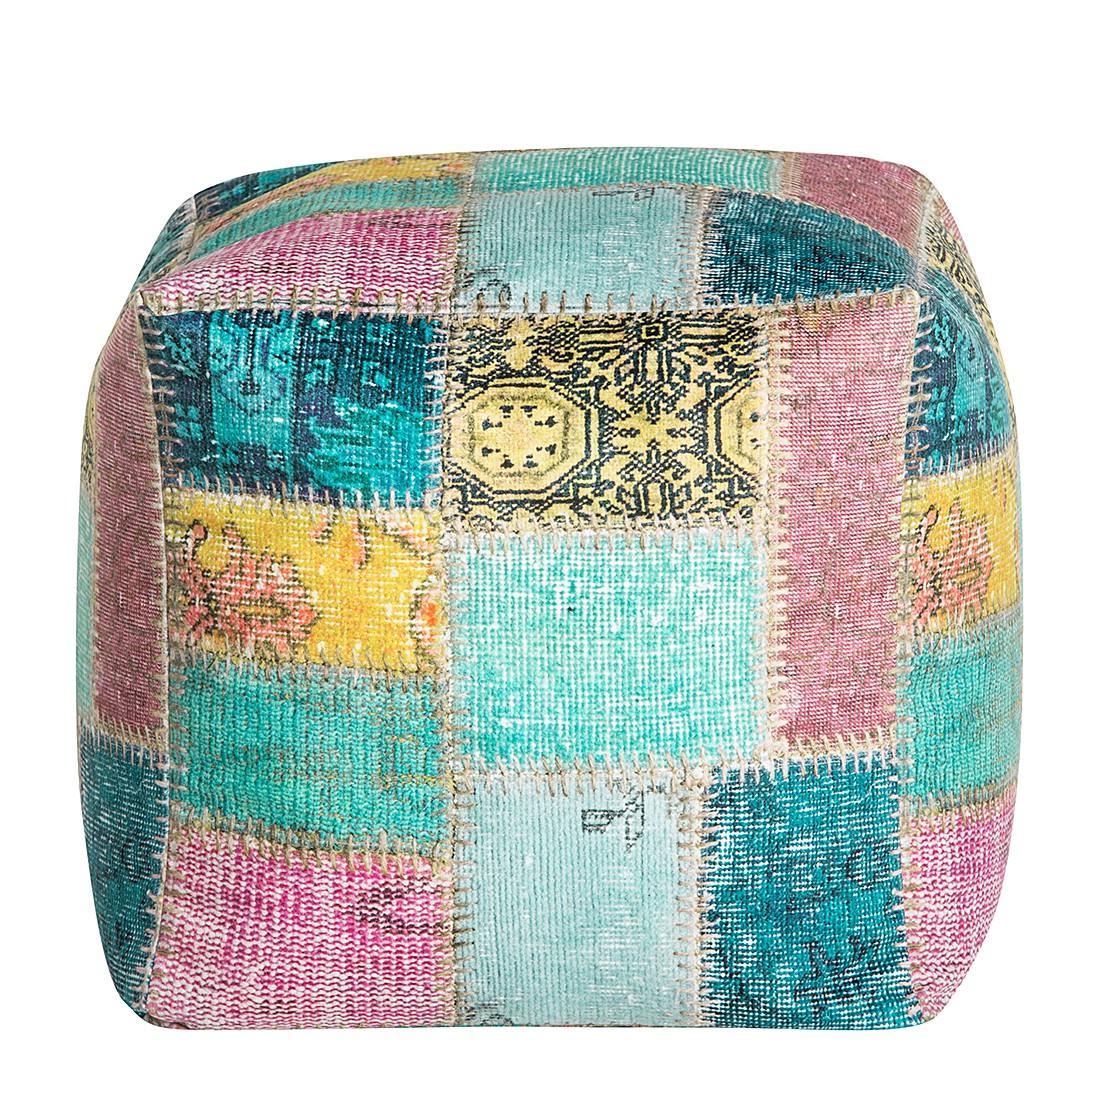 Sitzwürfel Cube Kapi – Microfaser – Pink, Fredriks günstig kaufen